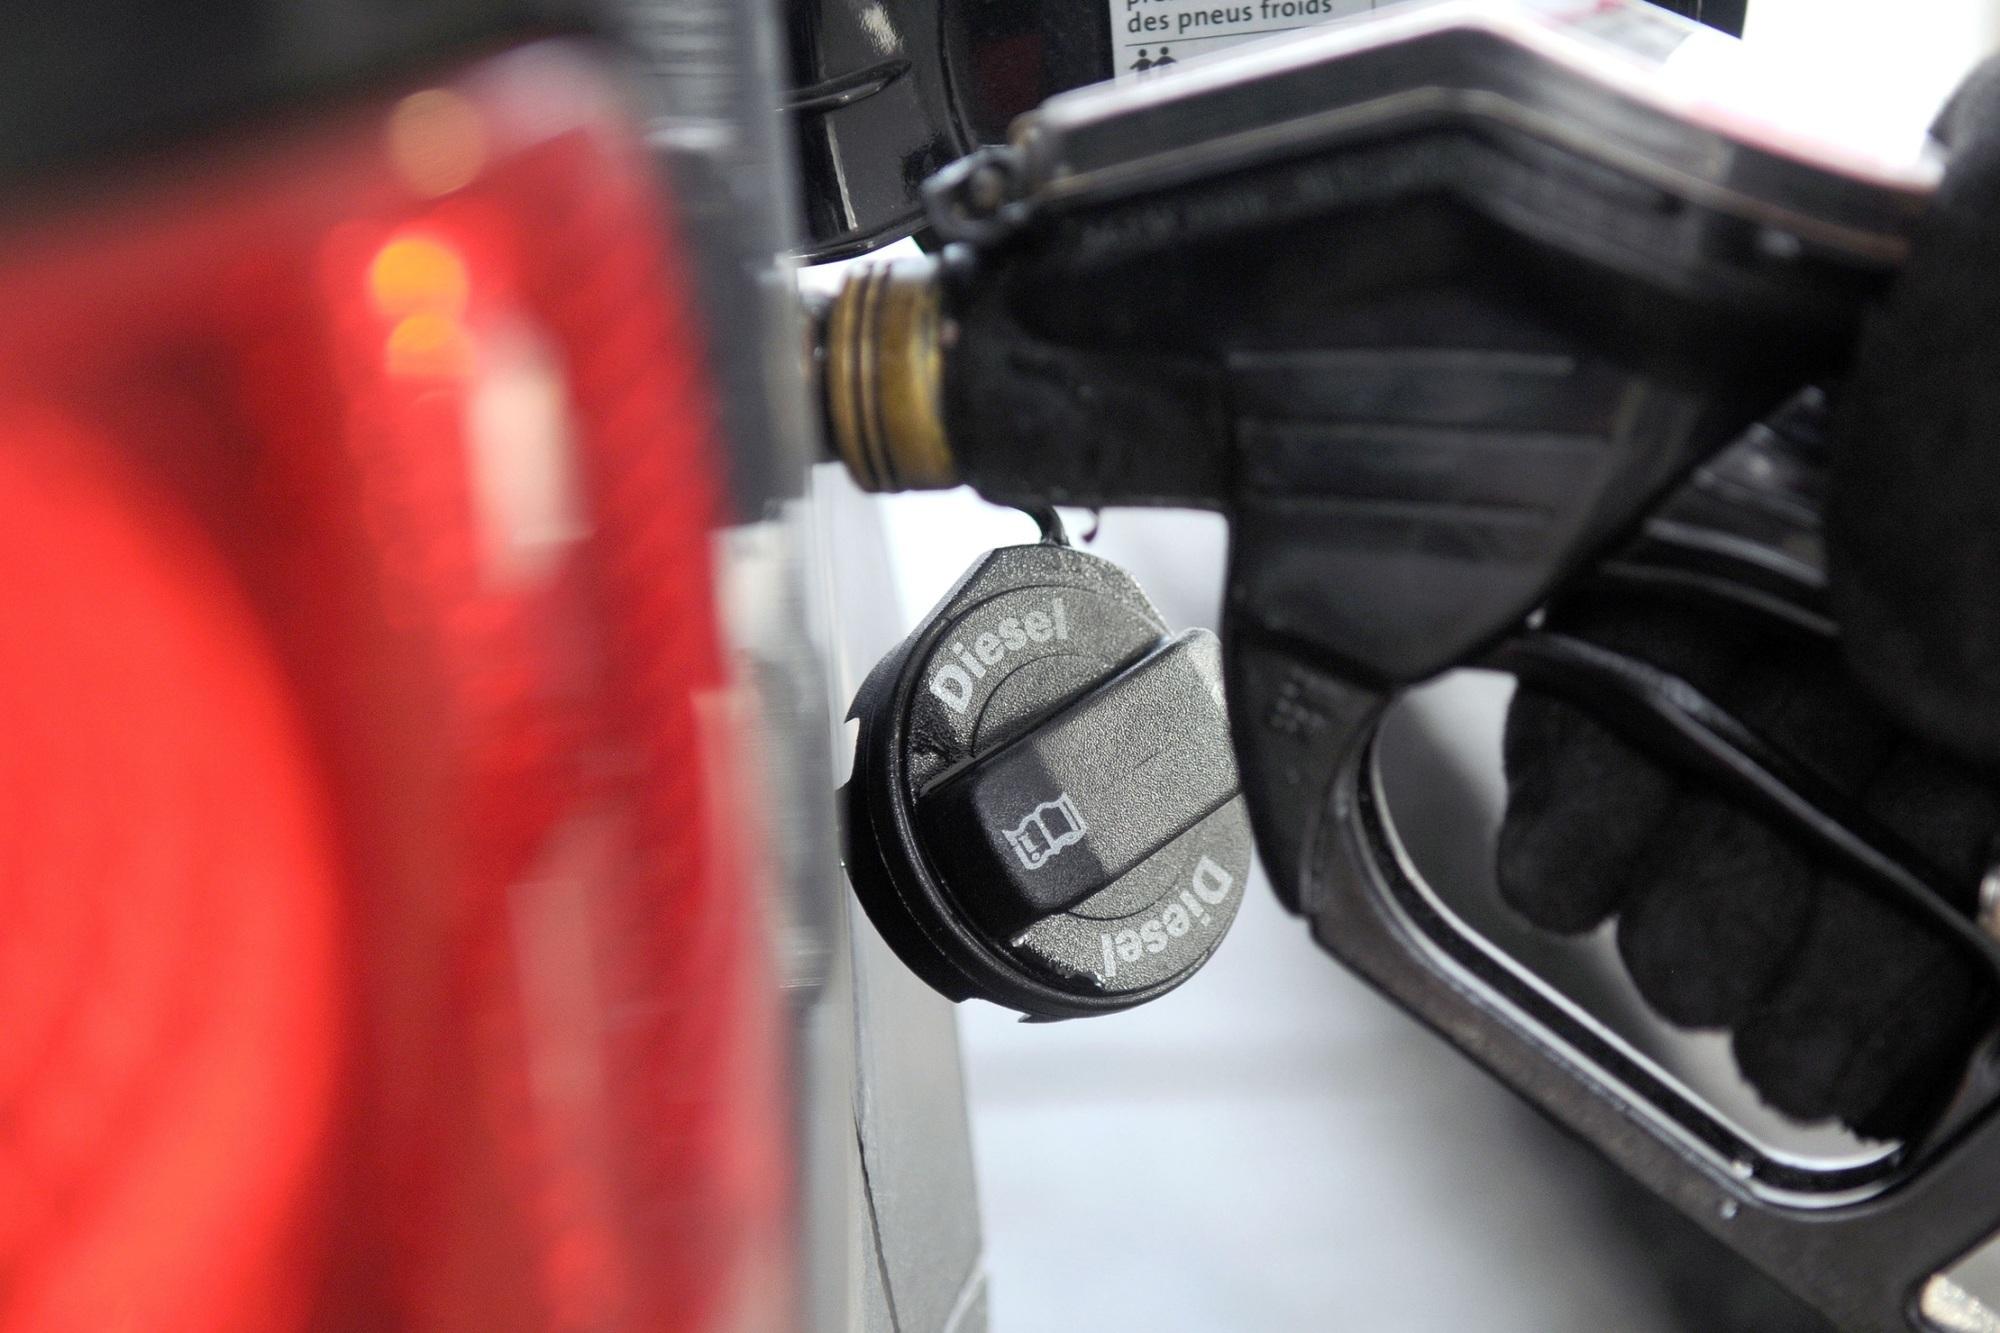 Ratgeber: Benzinzusatz im Dieselkraftstoff - Zerstörerischer Schuss